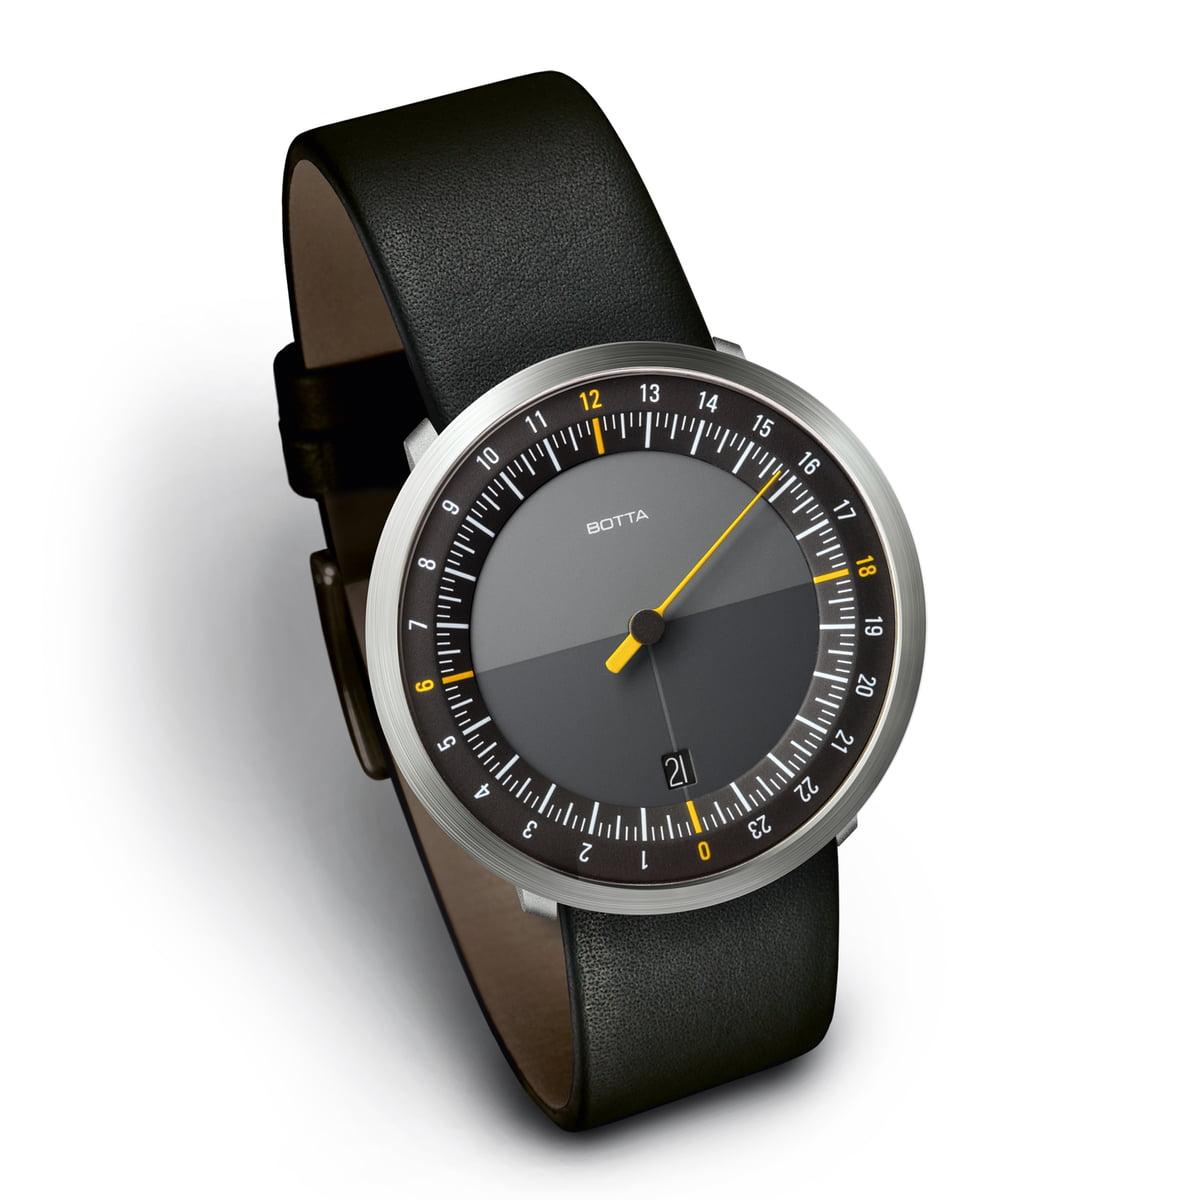 Botta-Design - Uno 24, schwarz / Lederarmband